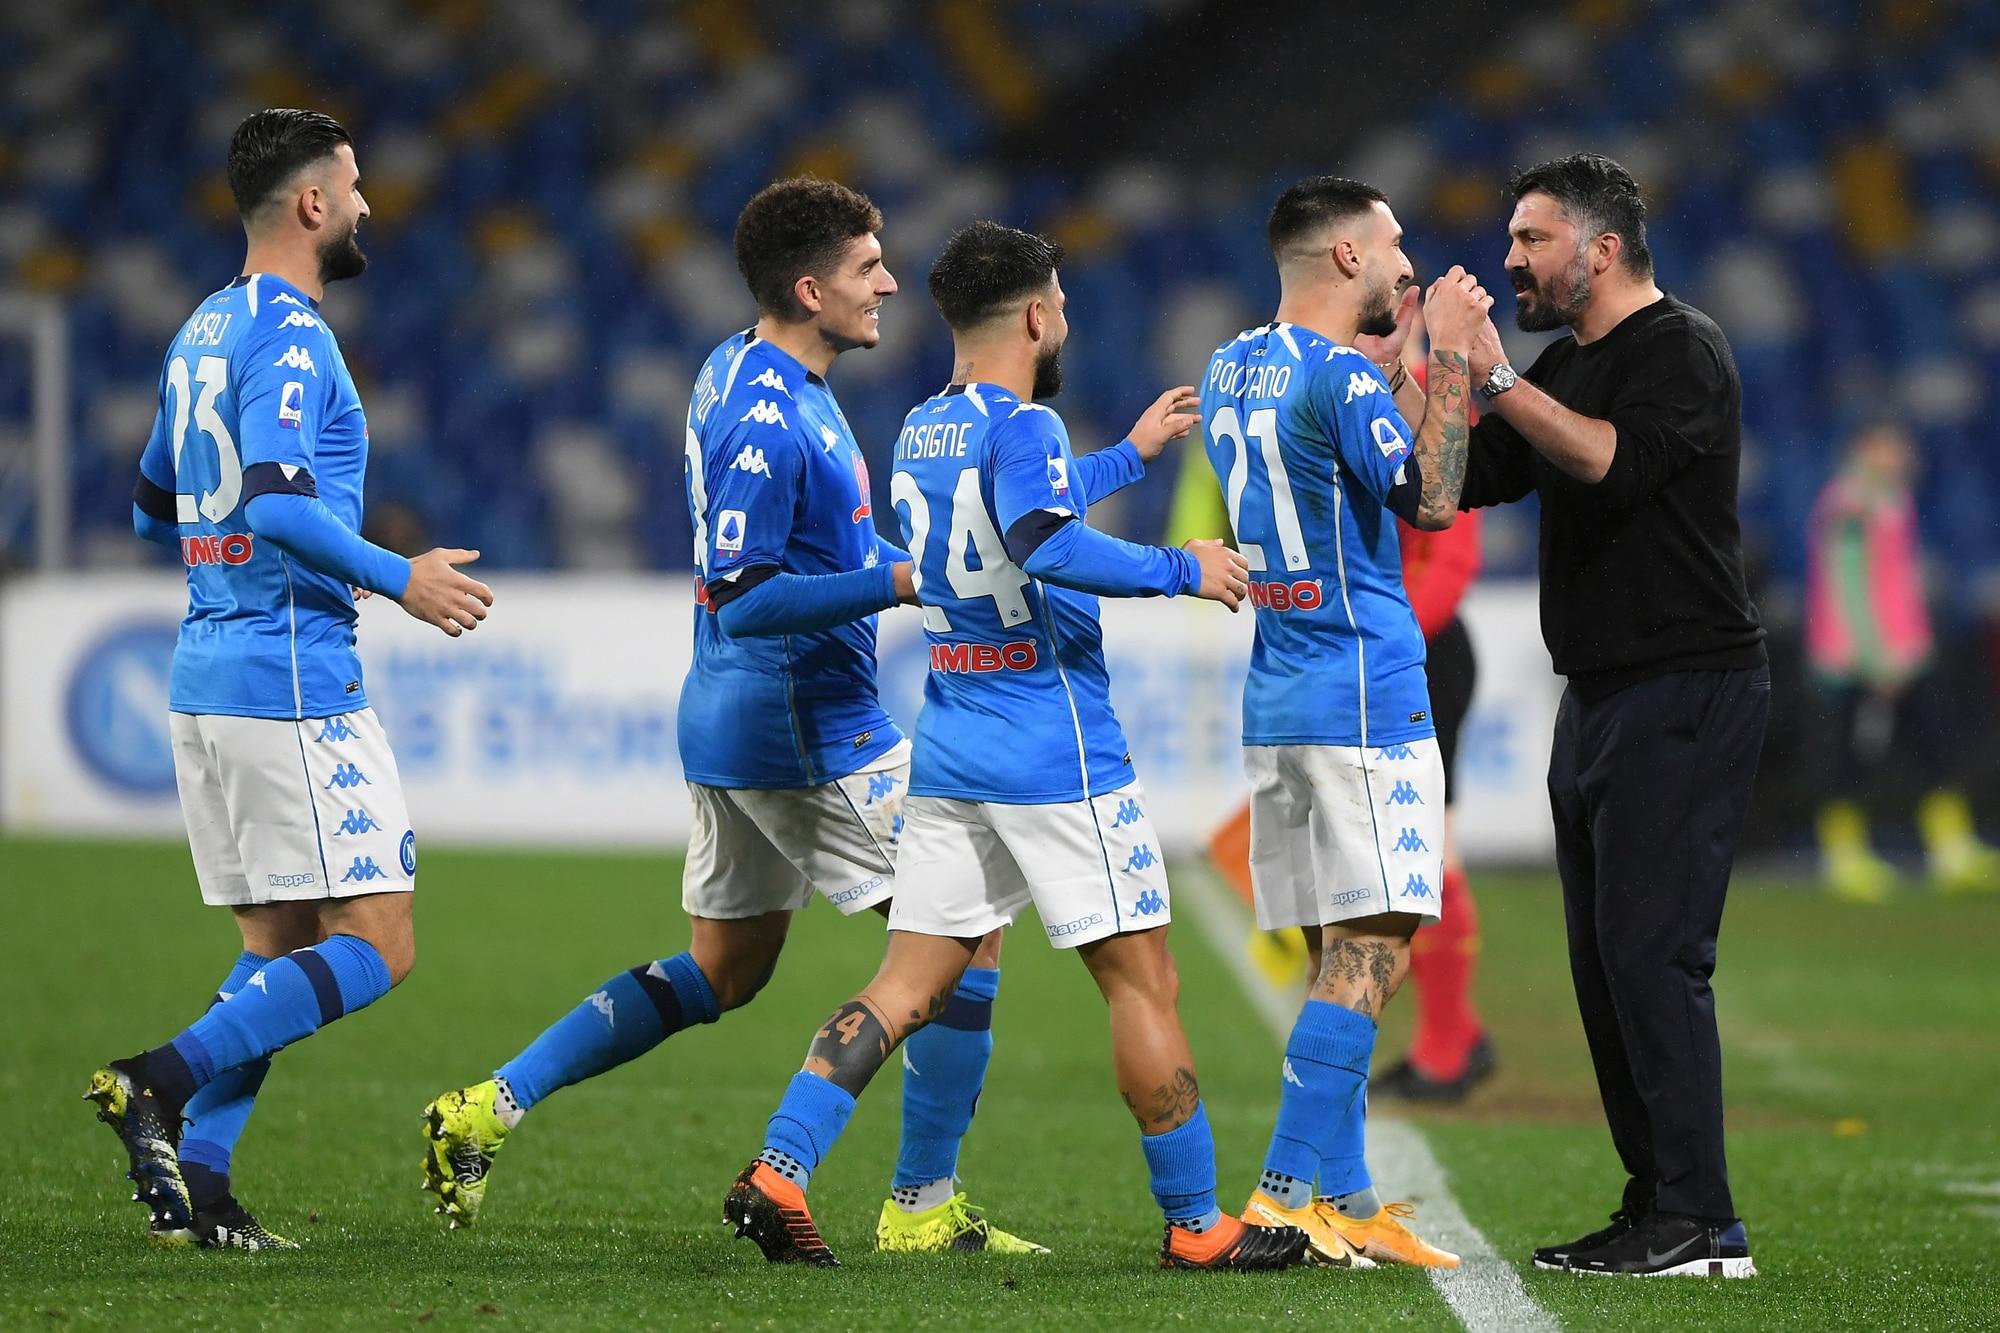 Il Napoli vince contro il Parma, tutta la squadra va ad abbracciare Gattuso